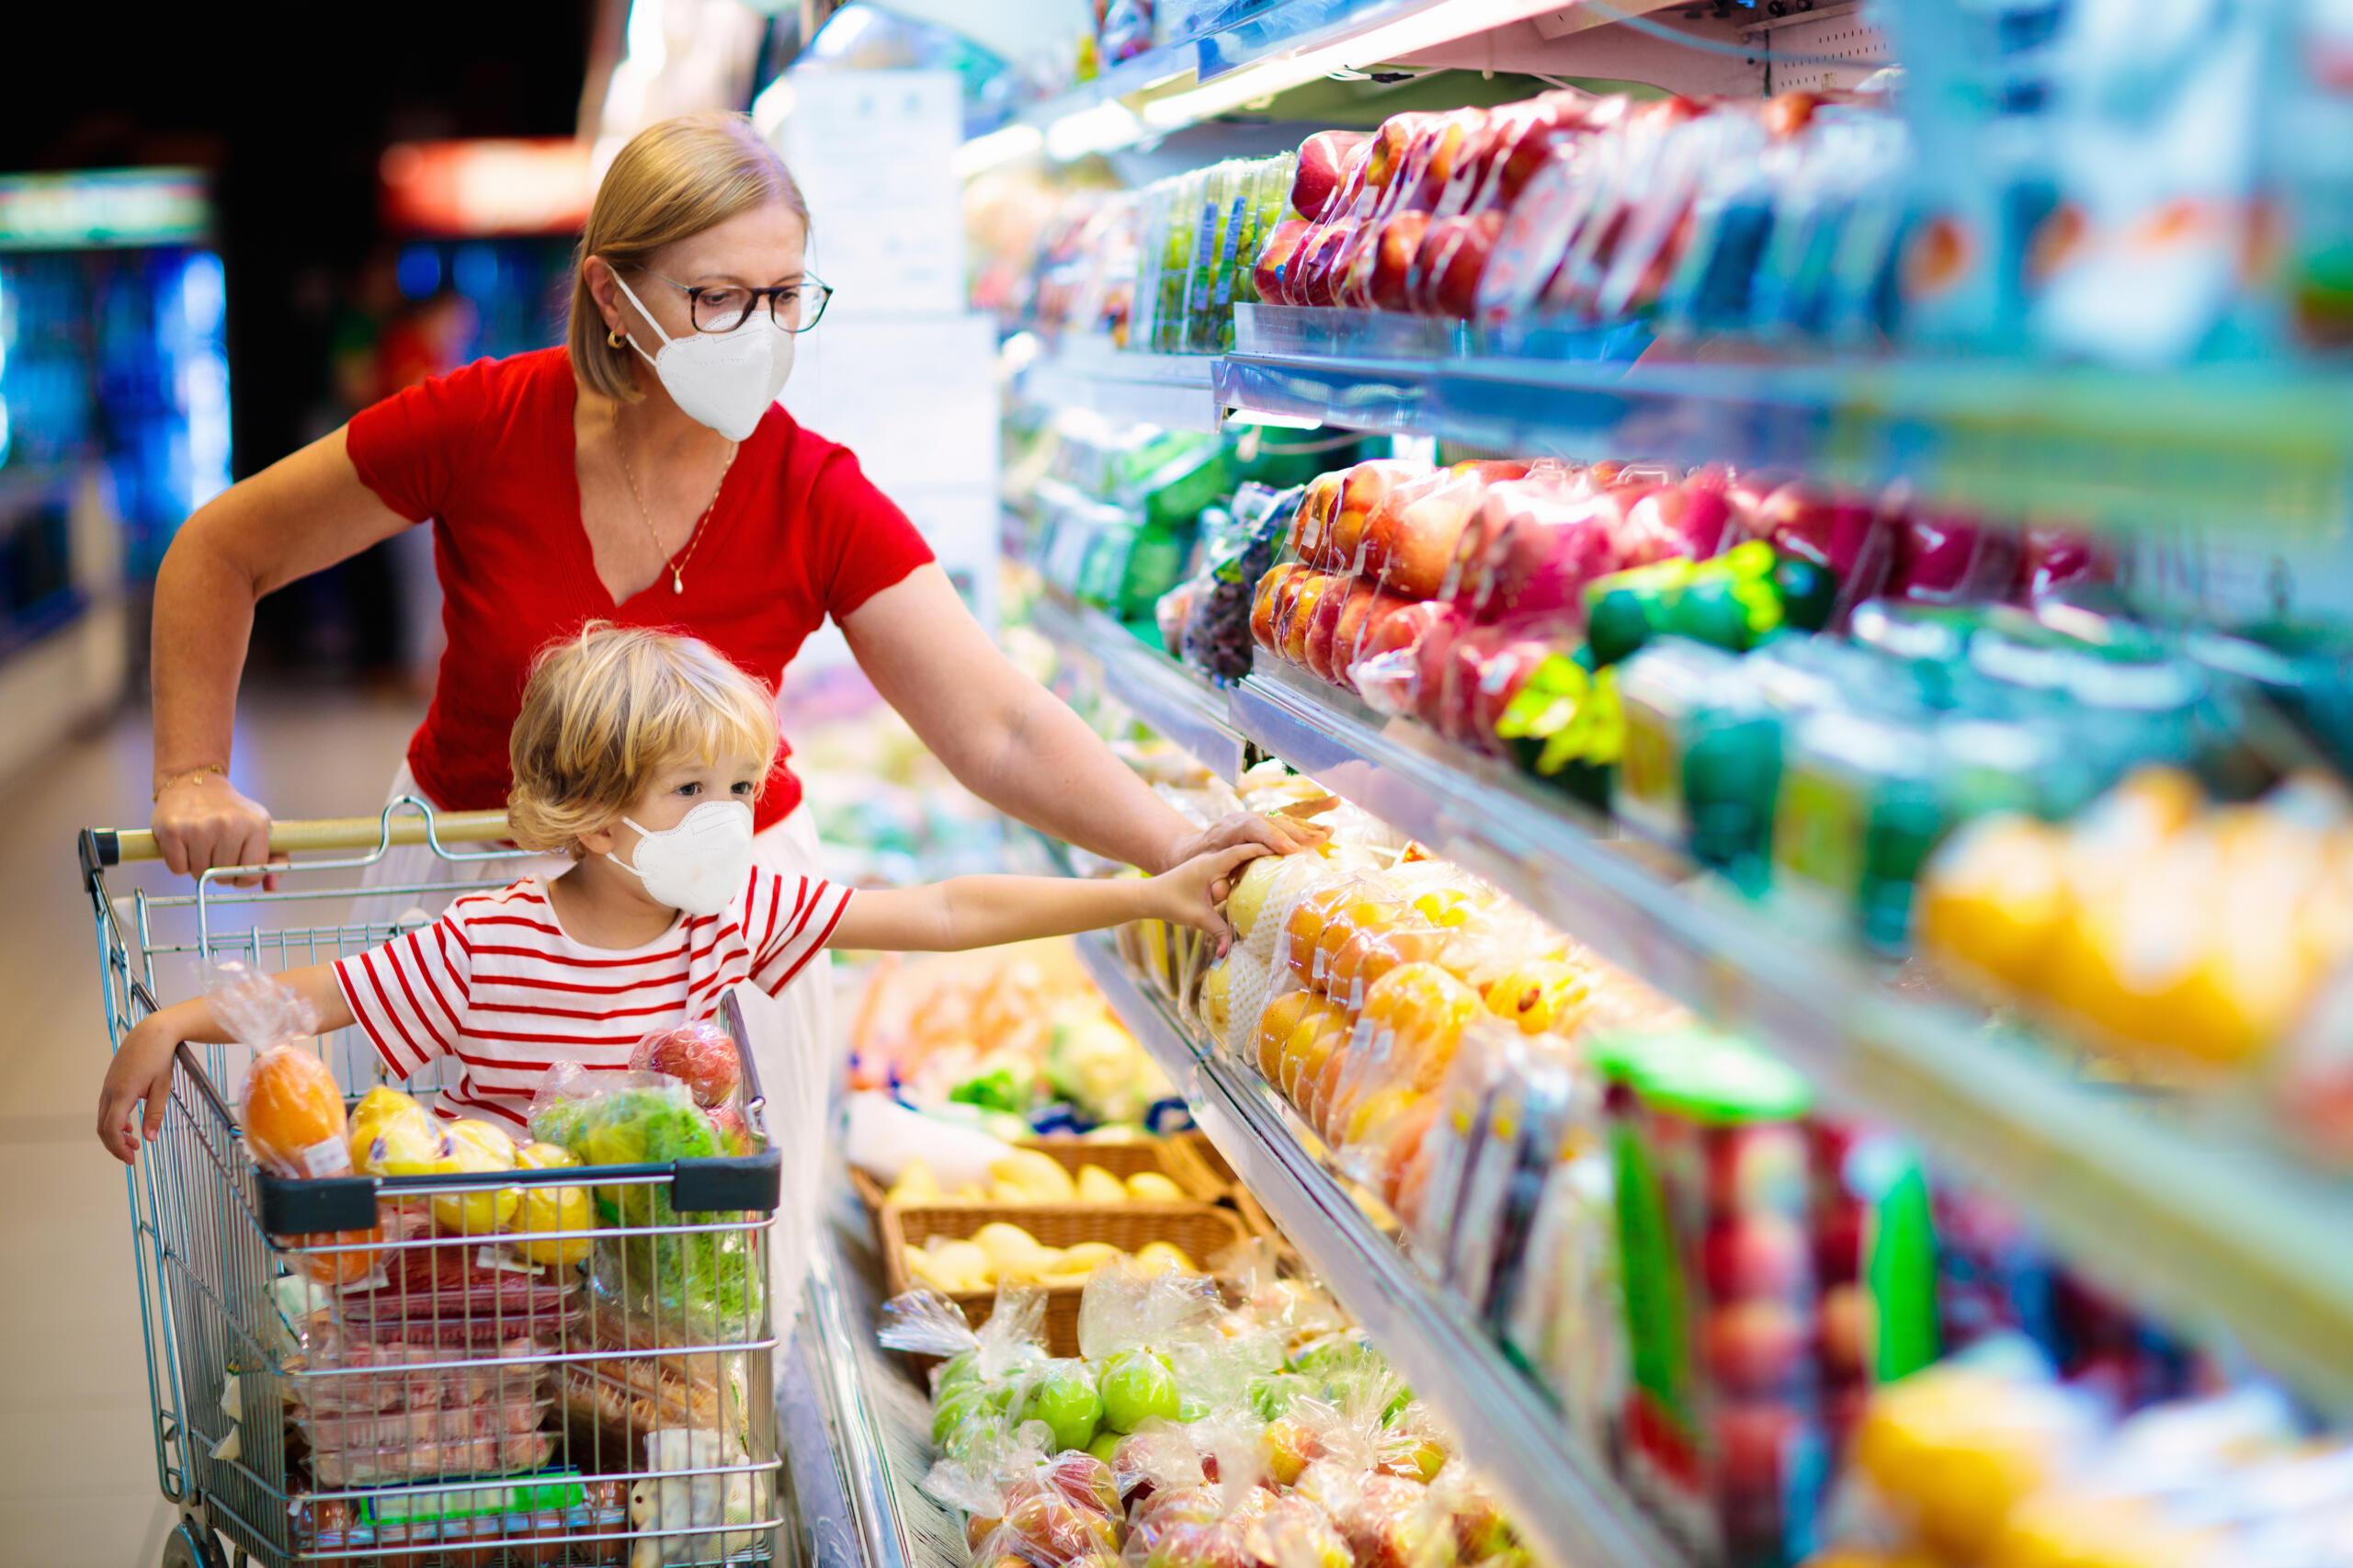 Fransa, Gıda güvenliğini öne sürerek perakende şirketini yabancıya satmadı